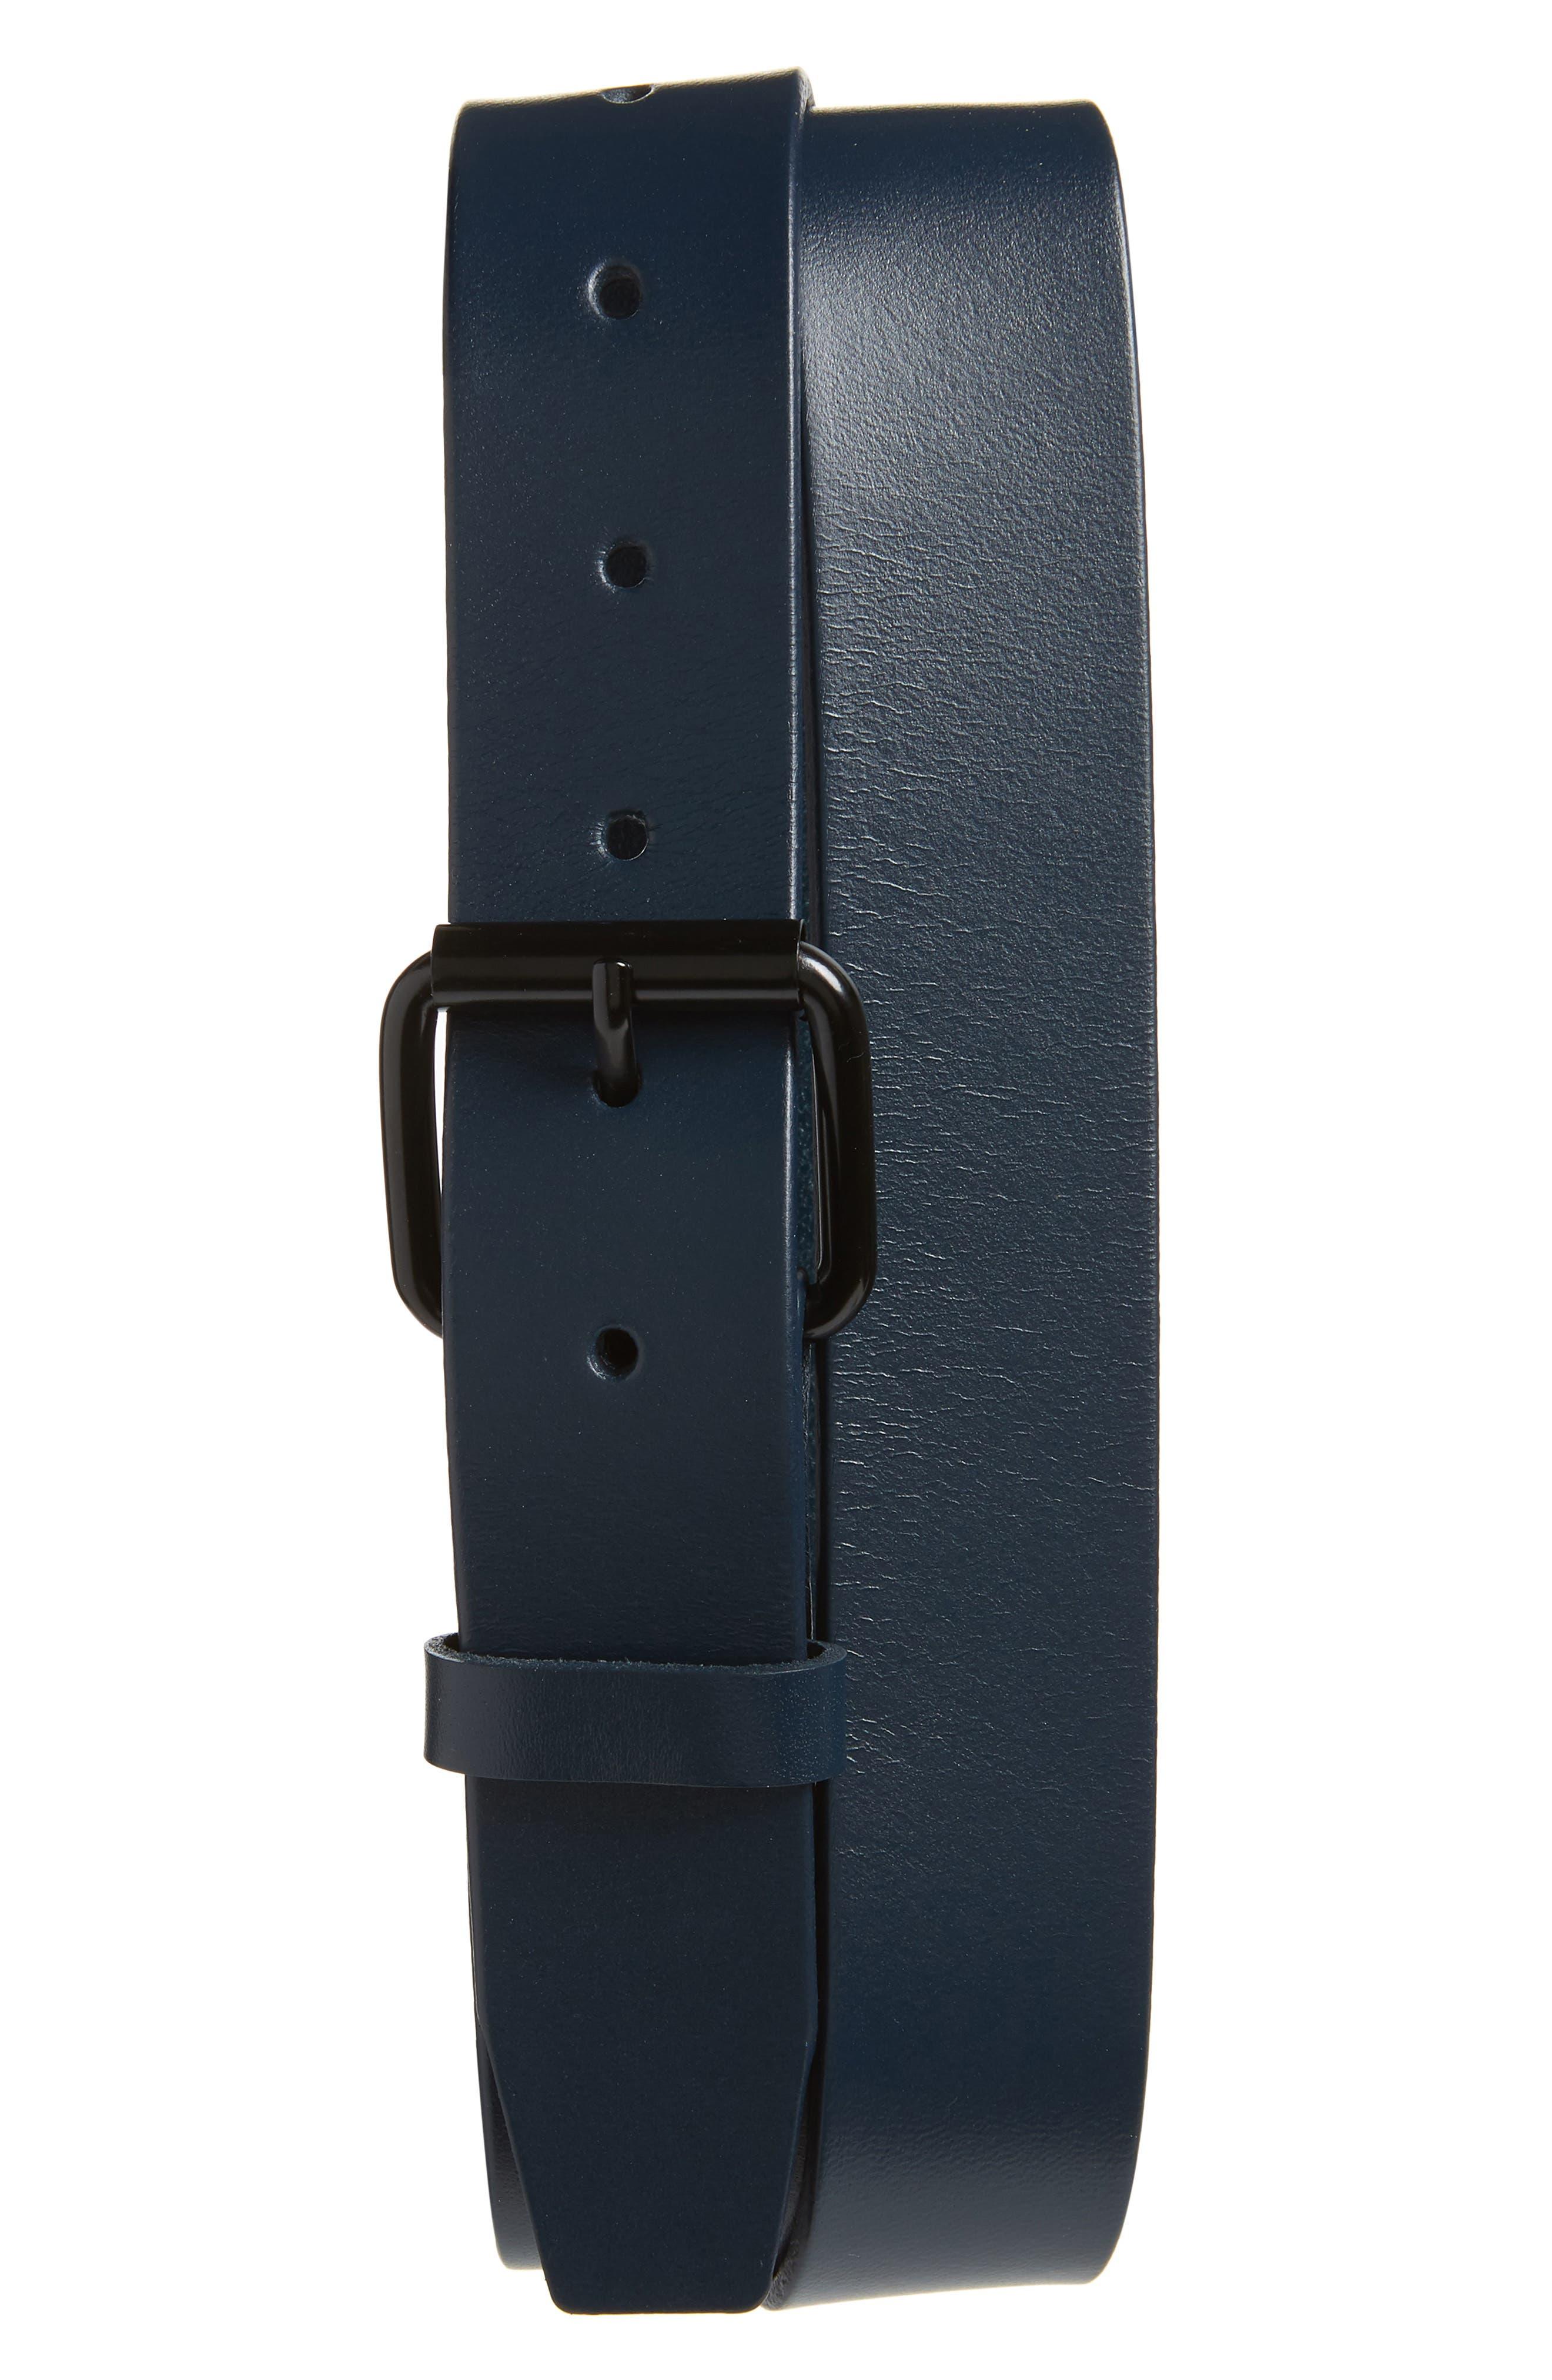 Saturdays Nyc Rockaway Leather Belt, Size One Size - Indigo Dye